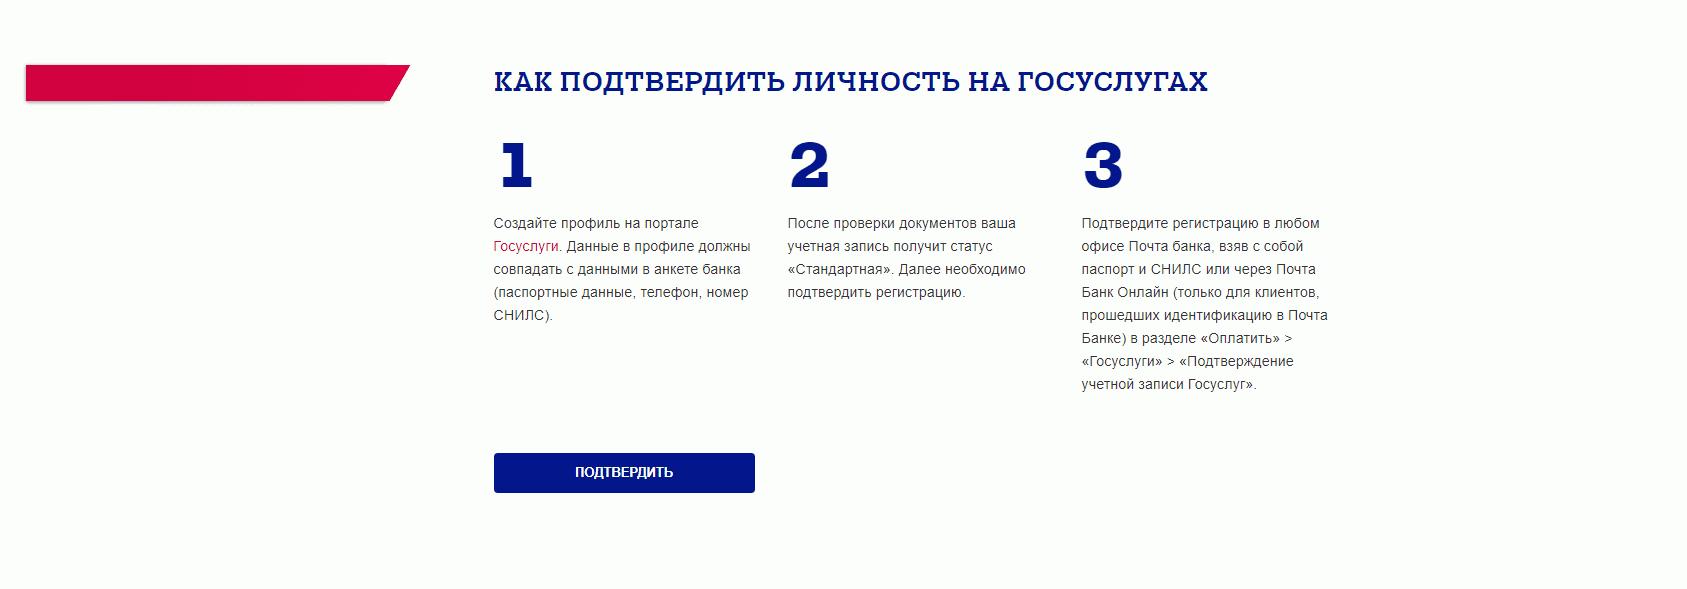 почта банк онлайн инструкция получить кредит с 19 лет